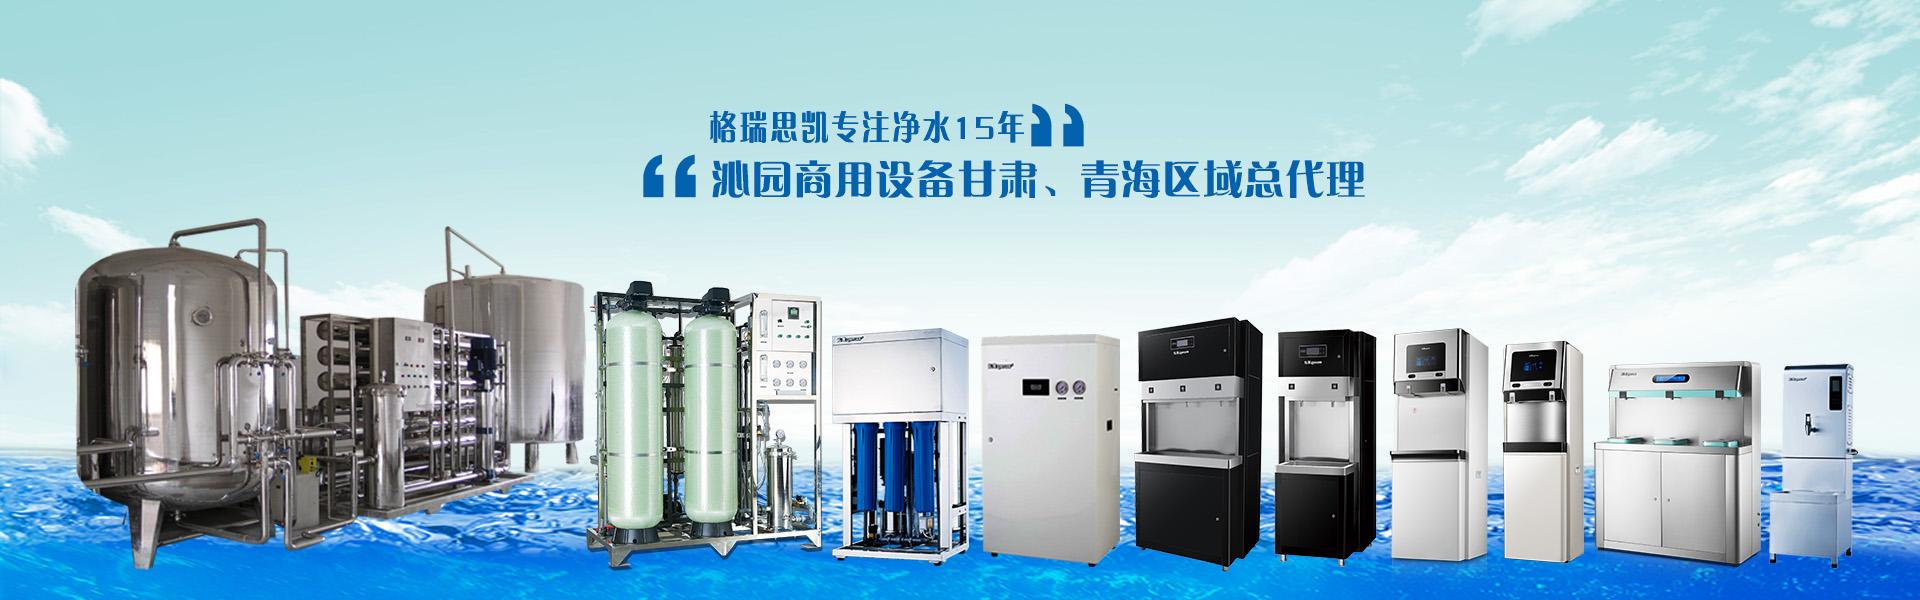 甘肃格瑞思凯环保科技有限公司(13993186719)兰州专业水处理|净水器|节能饮水机|污水处理|新风系统|甲醛检测及治理|反渗透直饮水设备公司|兰州净水设备